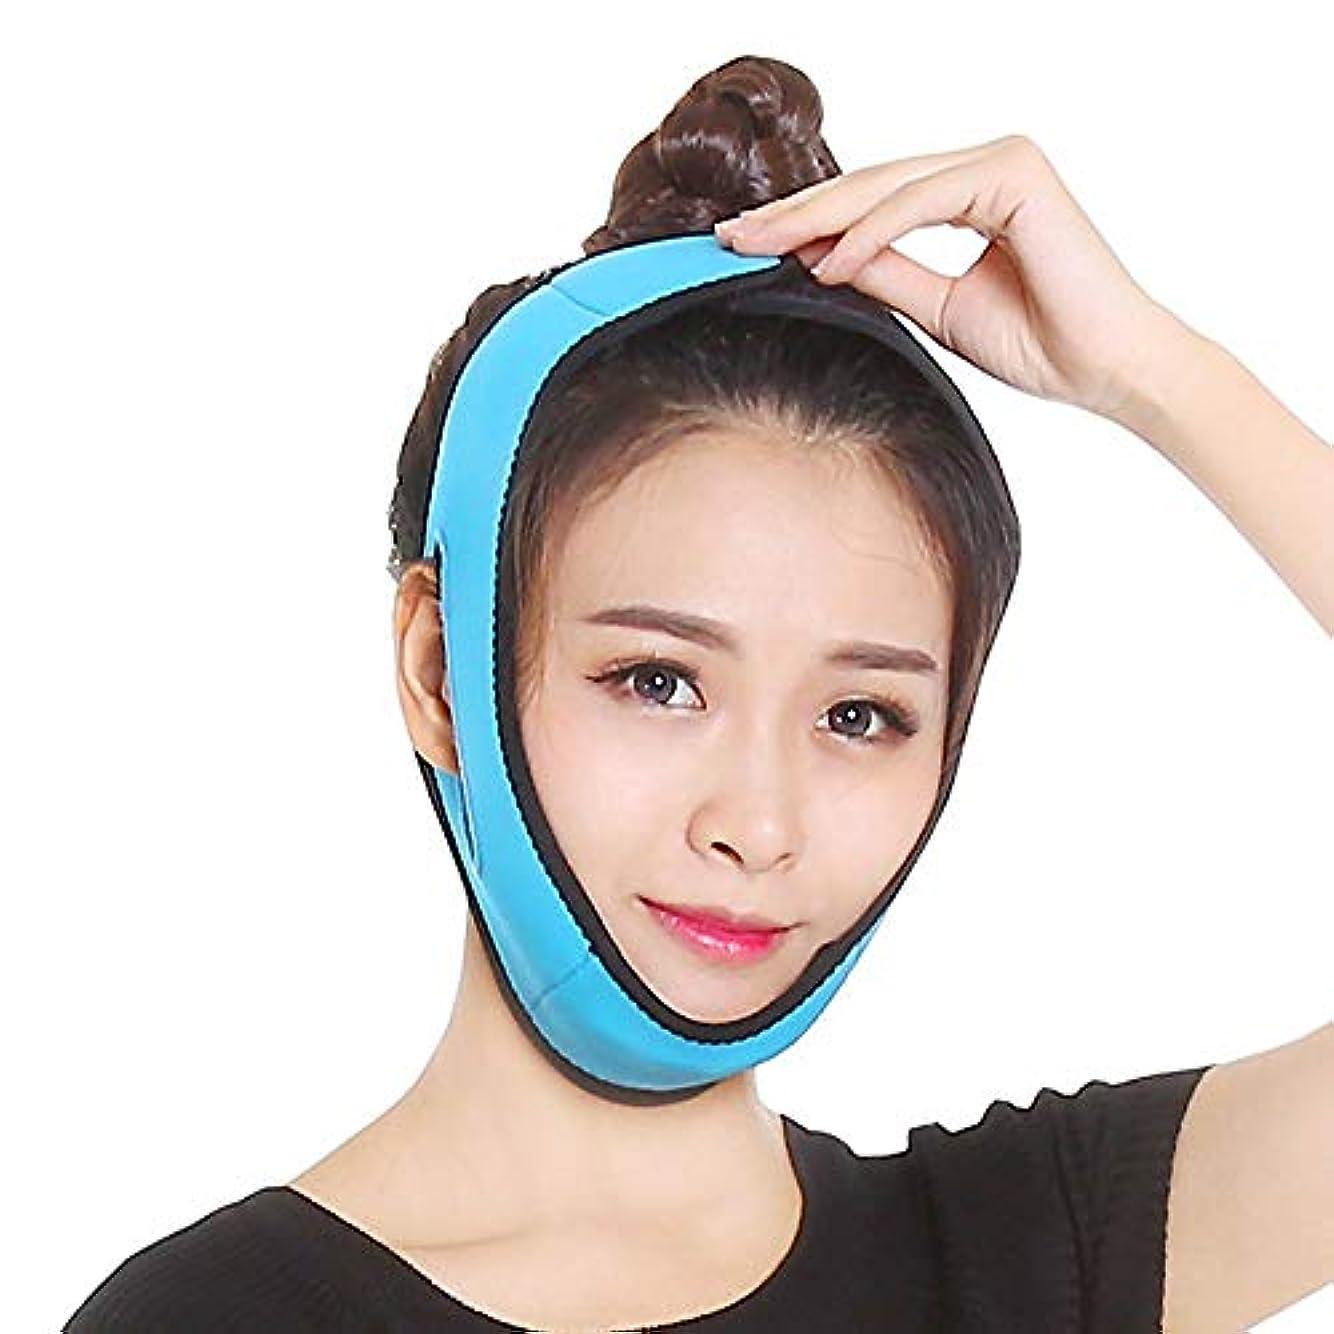 形状伝染性のペストラテックスマッサージフェイスマスク、スモールVフェイスアーティファクト/薄型フェイスマスク/リフティングダブルチンマスターマッスルパターン(ブルー)